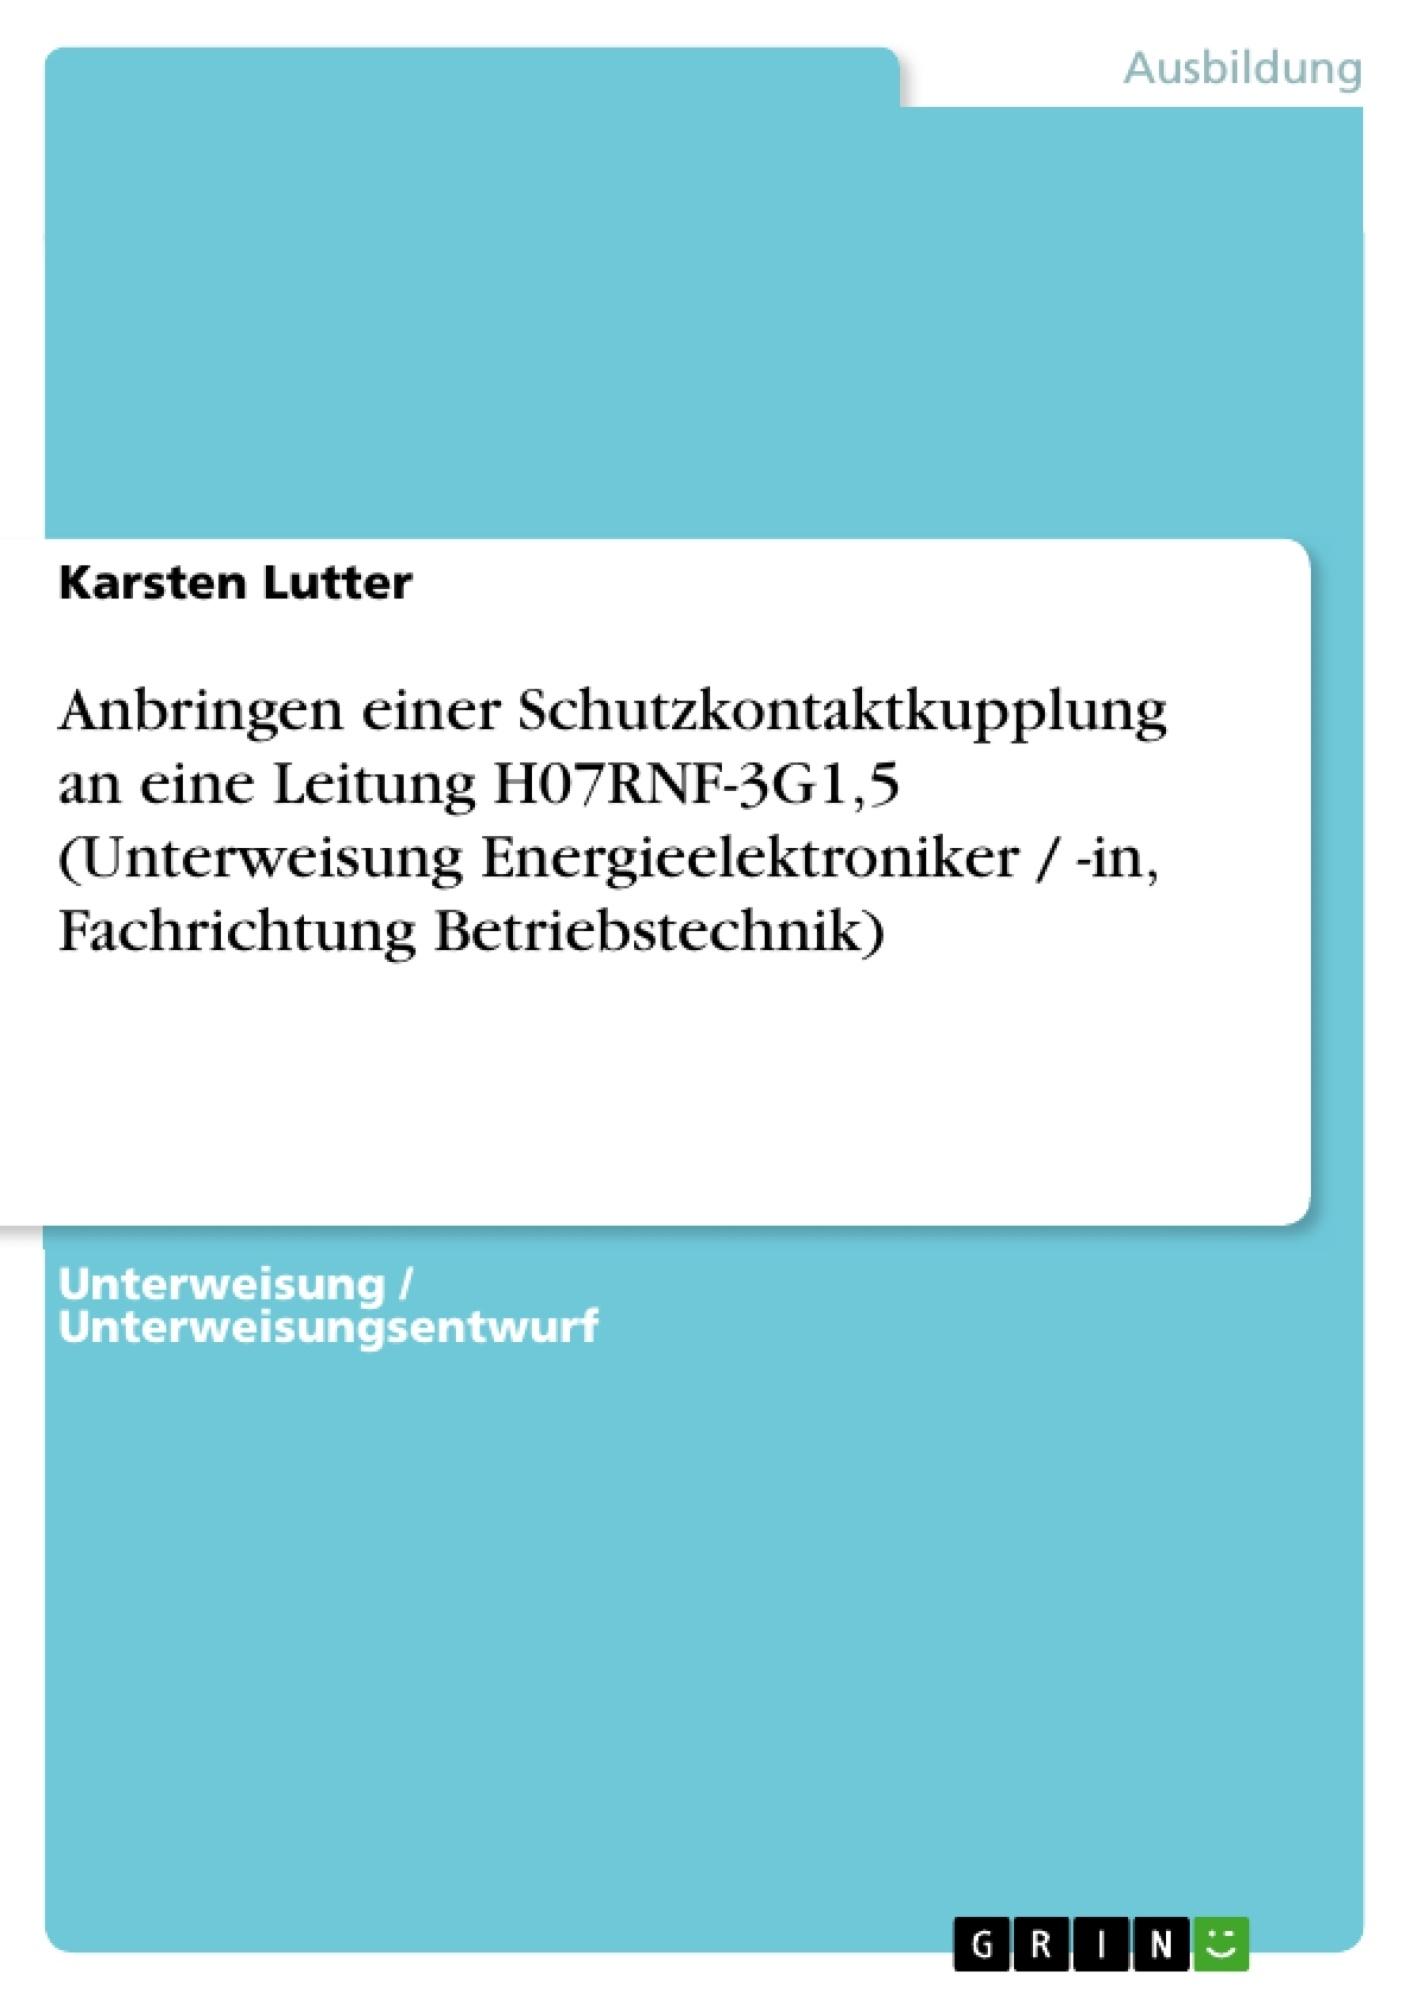 Titel: Anbringen einer Schutzkontaktkupplung an eine Leitung H07RNF-3G1,5 (Unterweisung Energieelektroniker / -in, Fachrichtung Betriebstechnik)